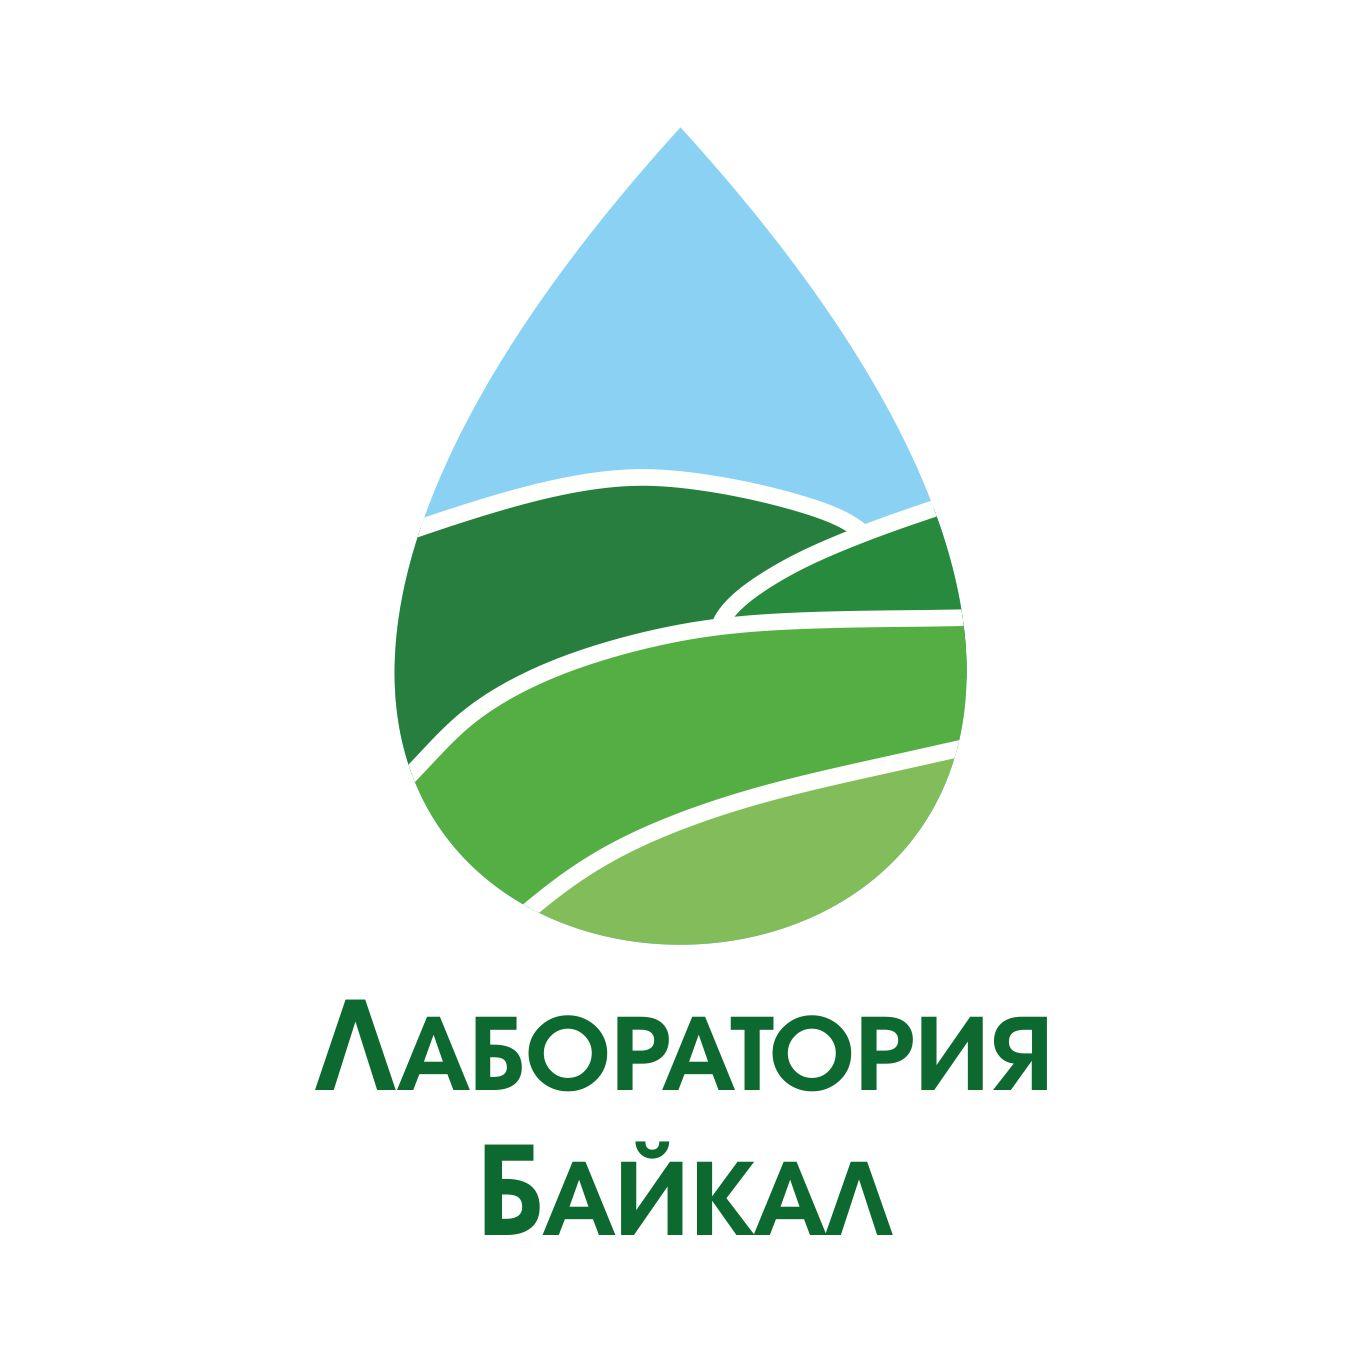 Разработка логотипа торговой марки фото f_350596b1f9b13204.jpg